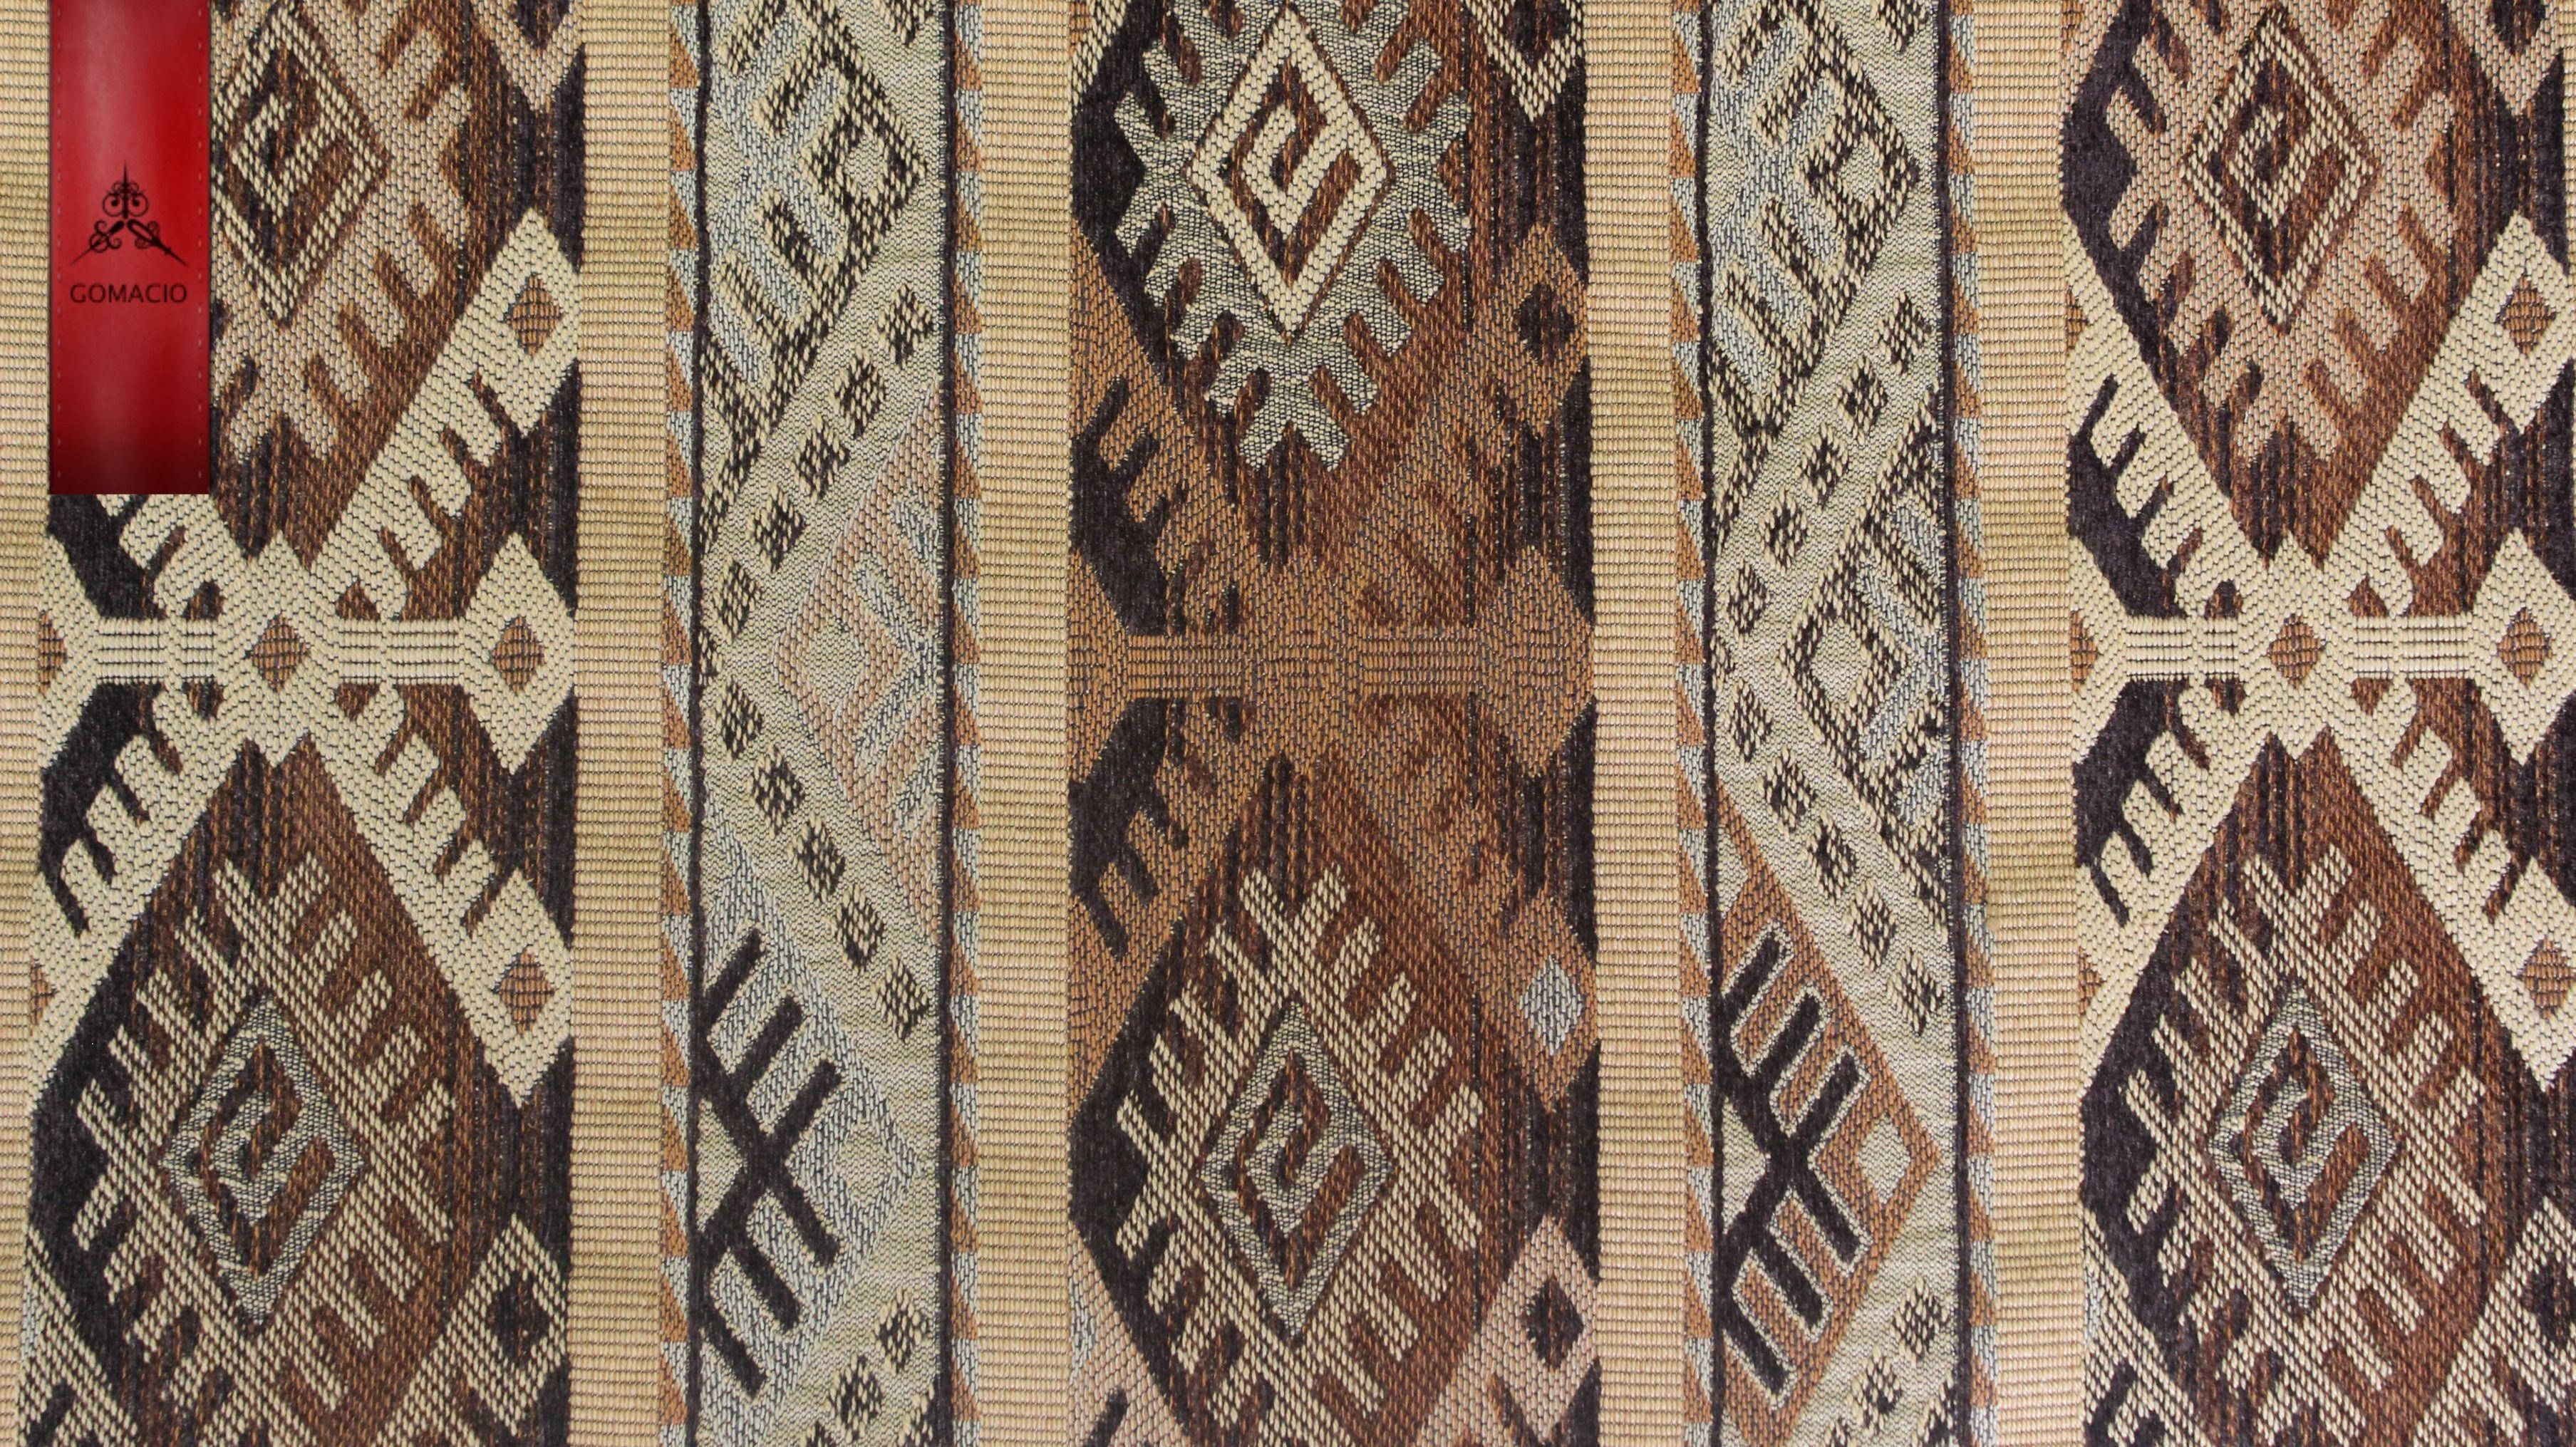 أقمشة الجاكار للكنب يستخدم بشكل طولي أو بشكل أفقي الماركة شانيل السعر للمتر 18 دينار المخزون المتوفر 23 متر مدة الطلب خمسة أيام عم Bohemian Rug Rugs Decor